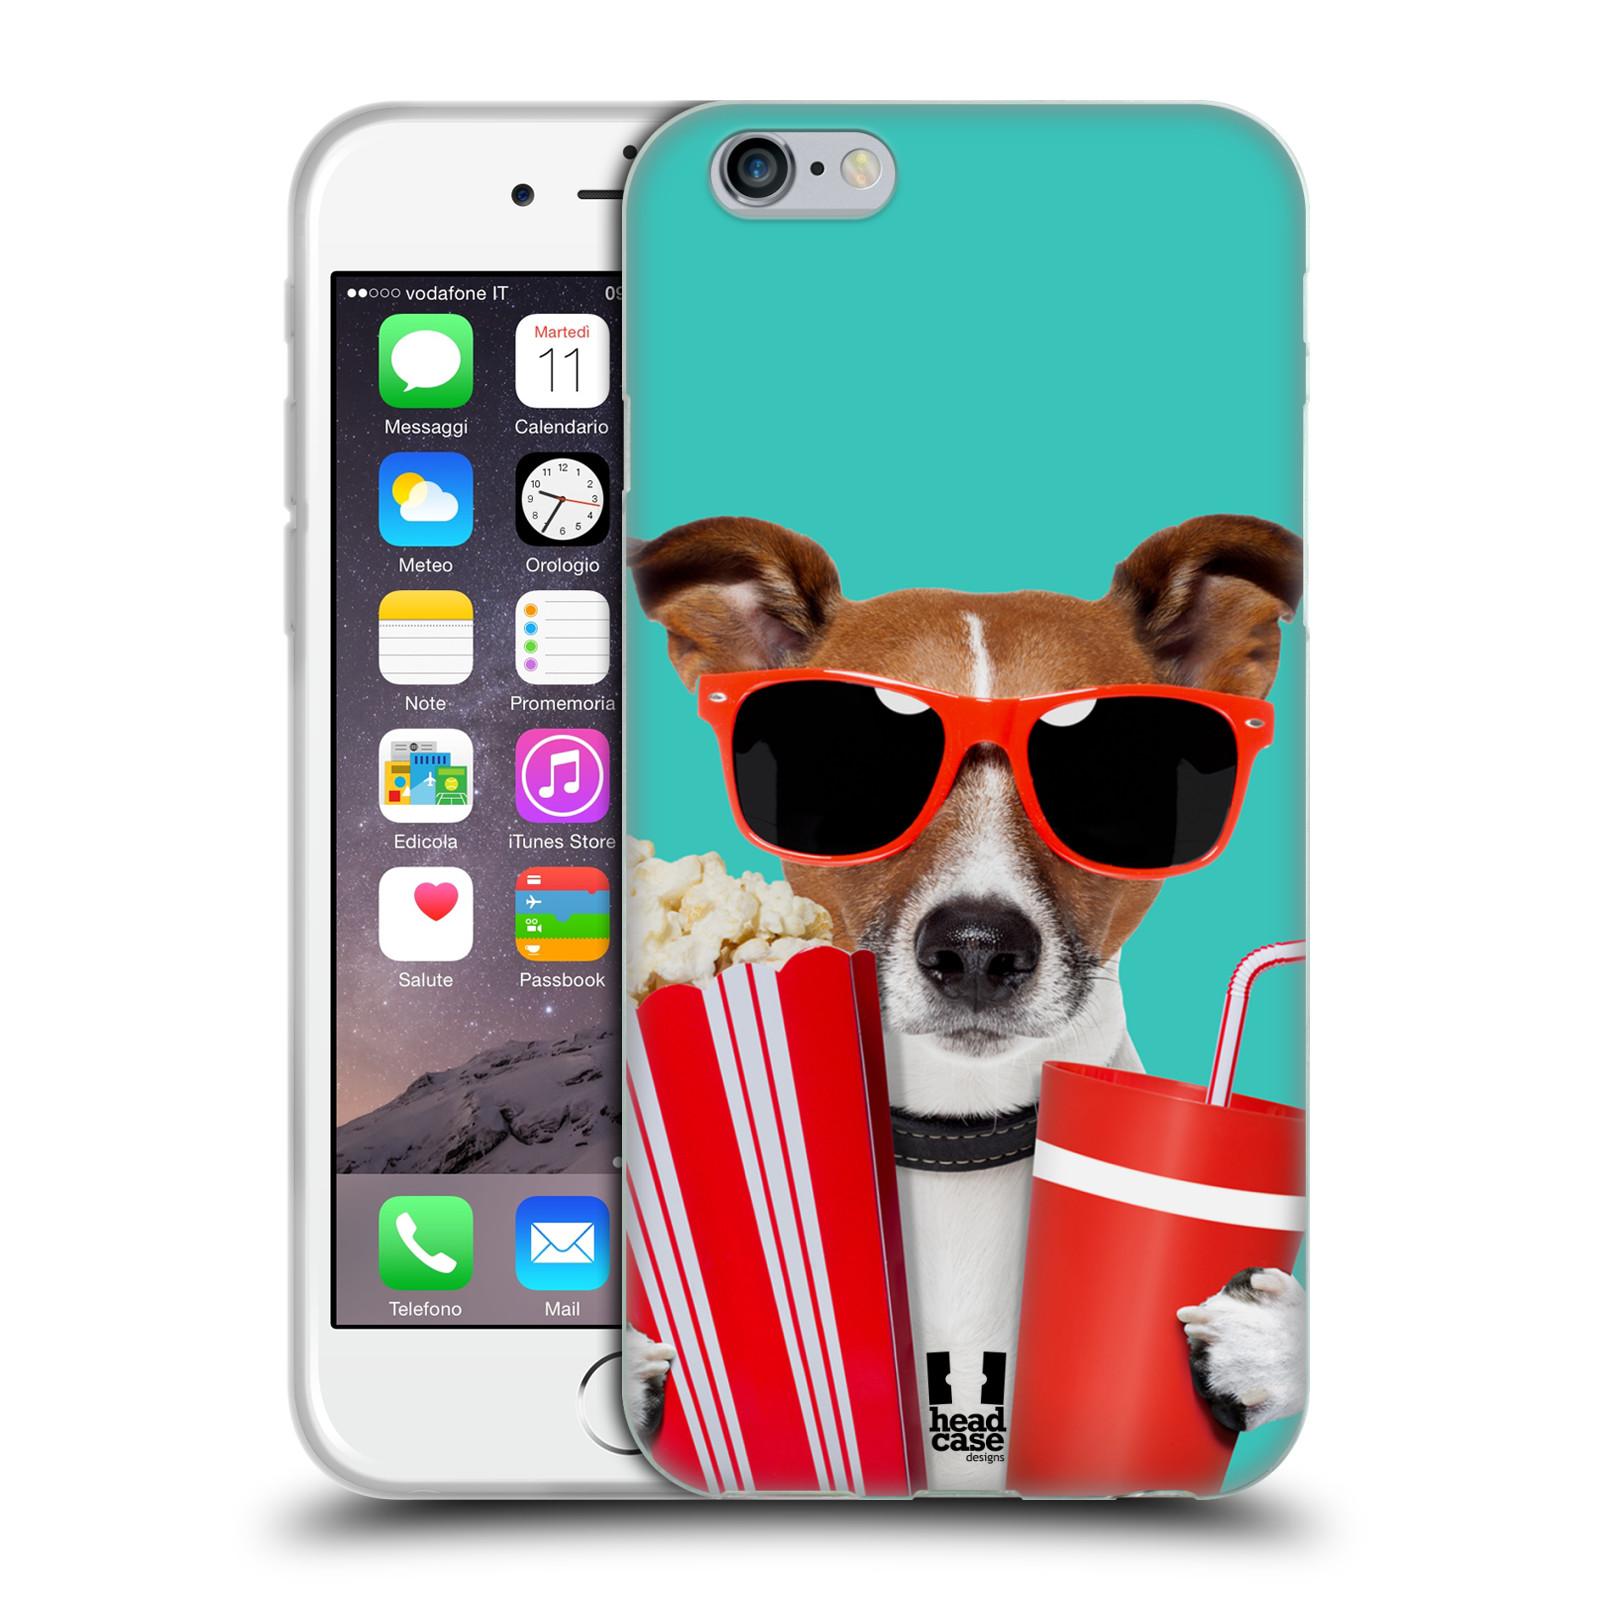 HEAD CASE silikonový obal na mobil Apple Iphone 6/6S vzor Legrační zvířátka pejsek v kině s popkornem